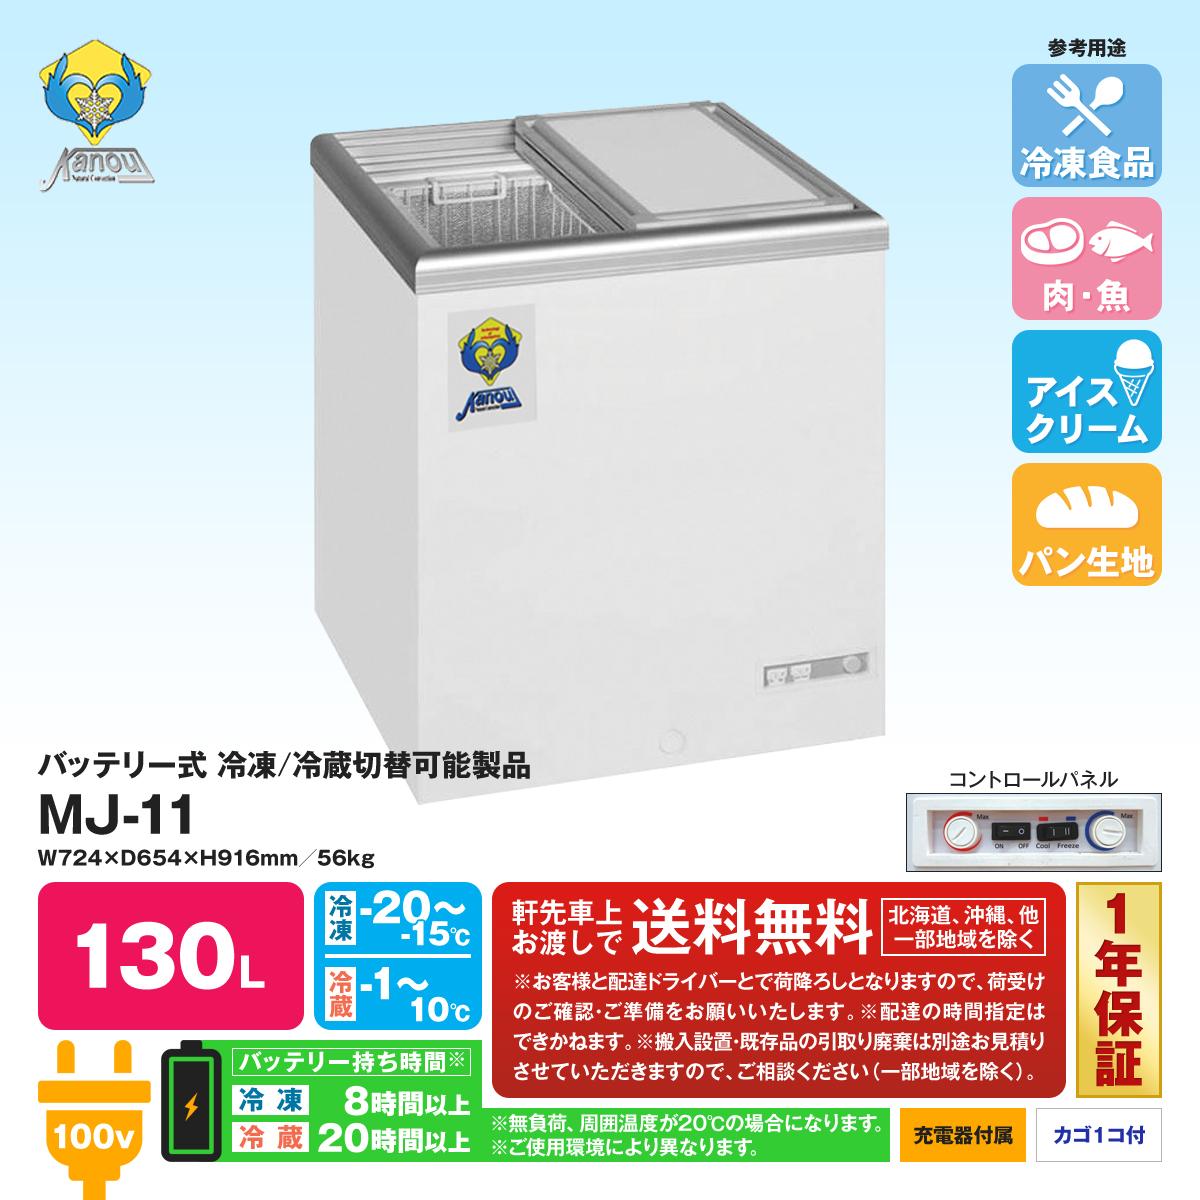 バッテリー式冷凍・冷蔵ストッカー MOVE JOYシリーズ MJ-11 送料無料